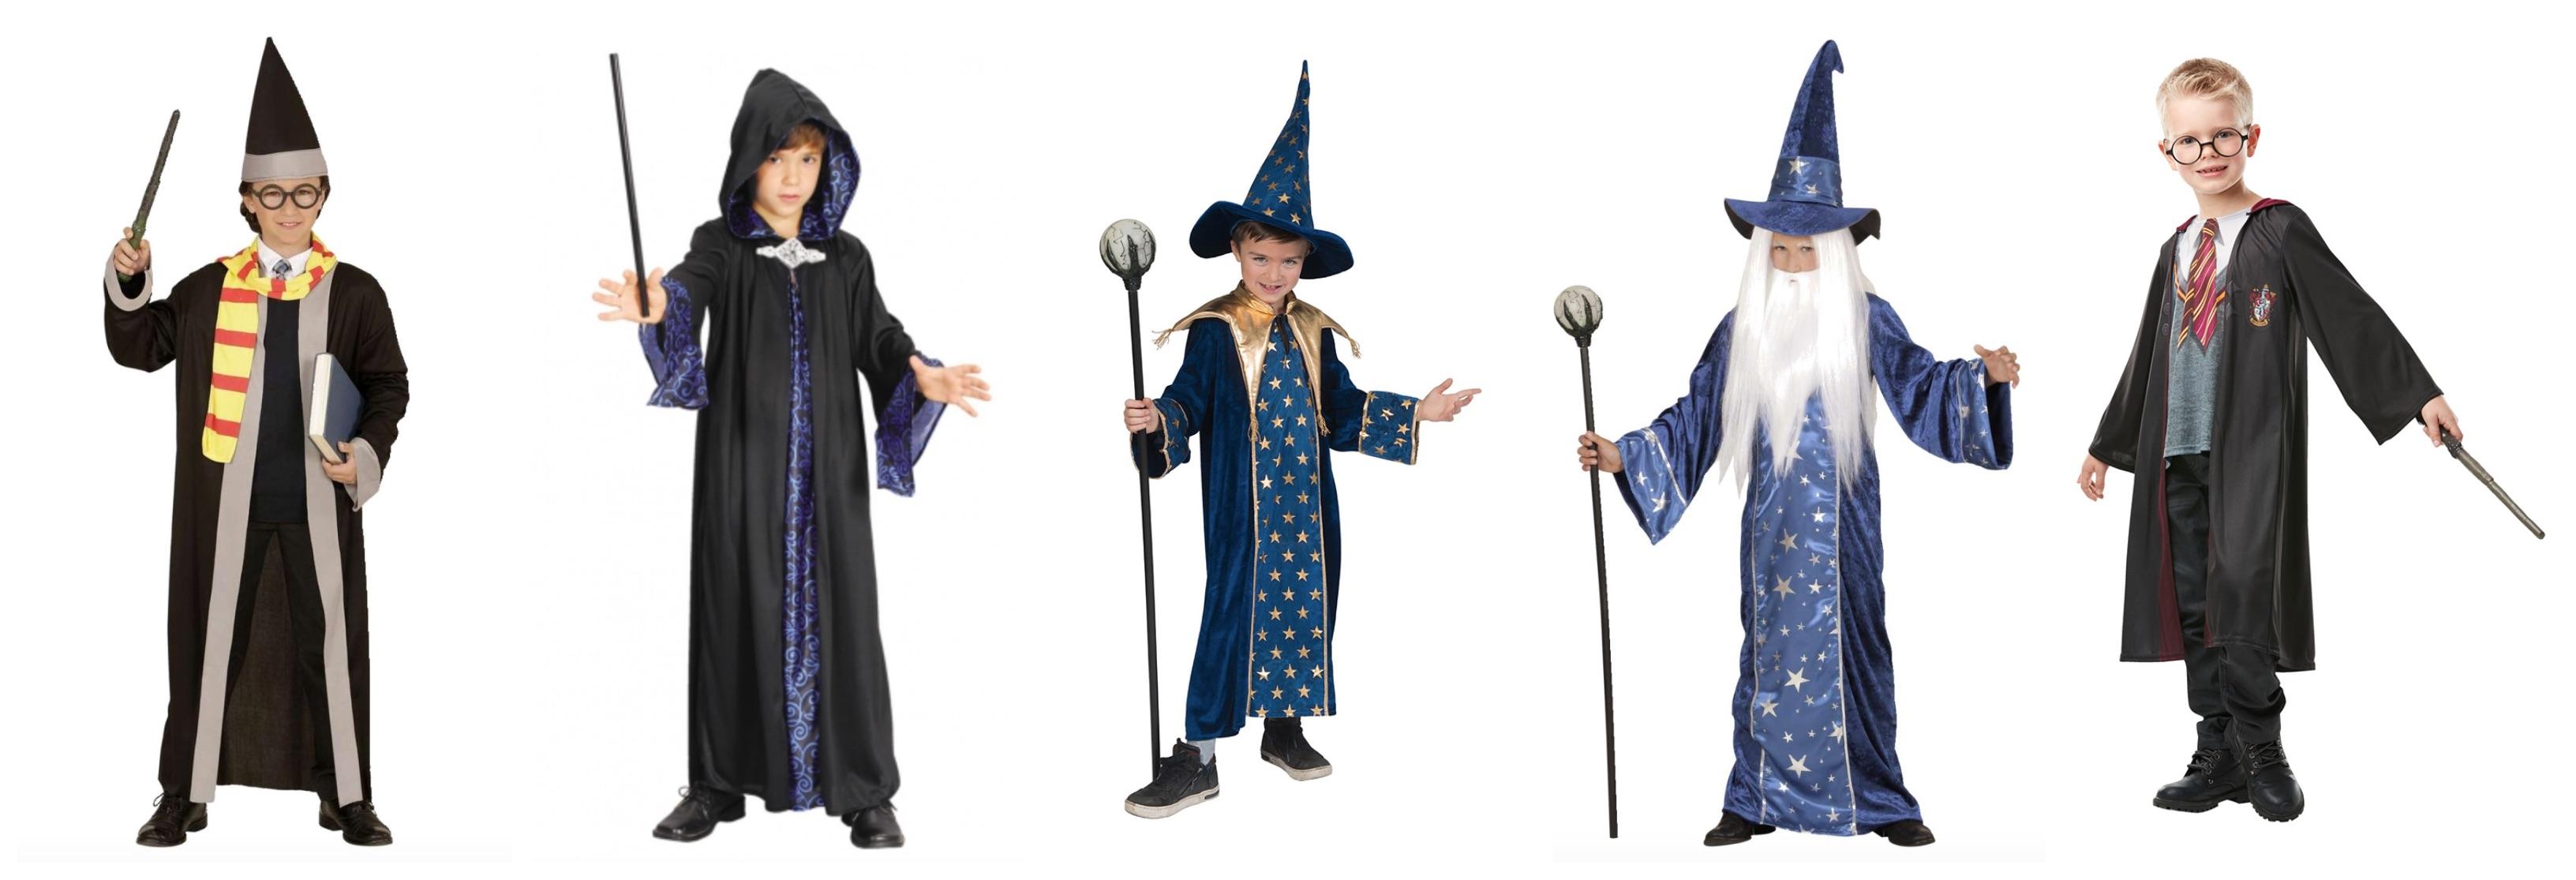 troldmand kostume til børn - Troldmand kostume til børn